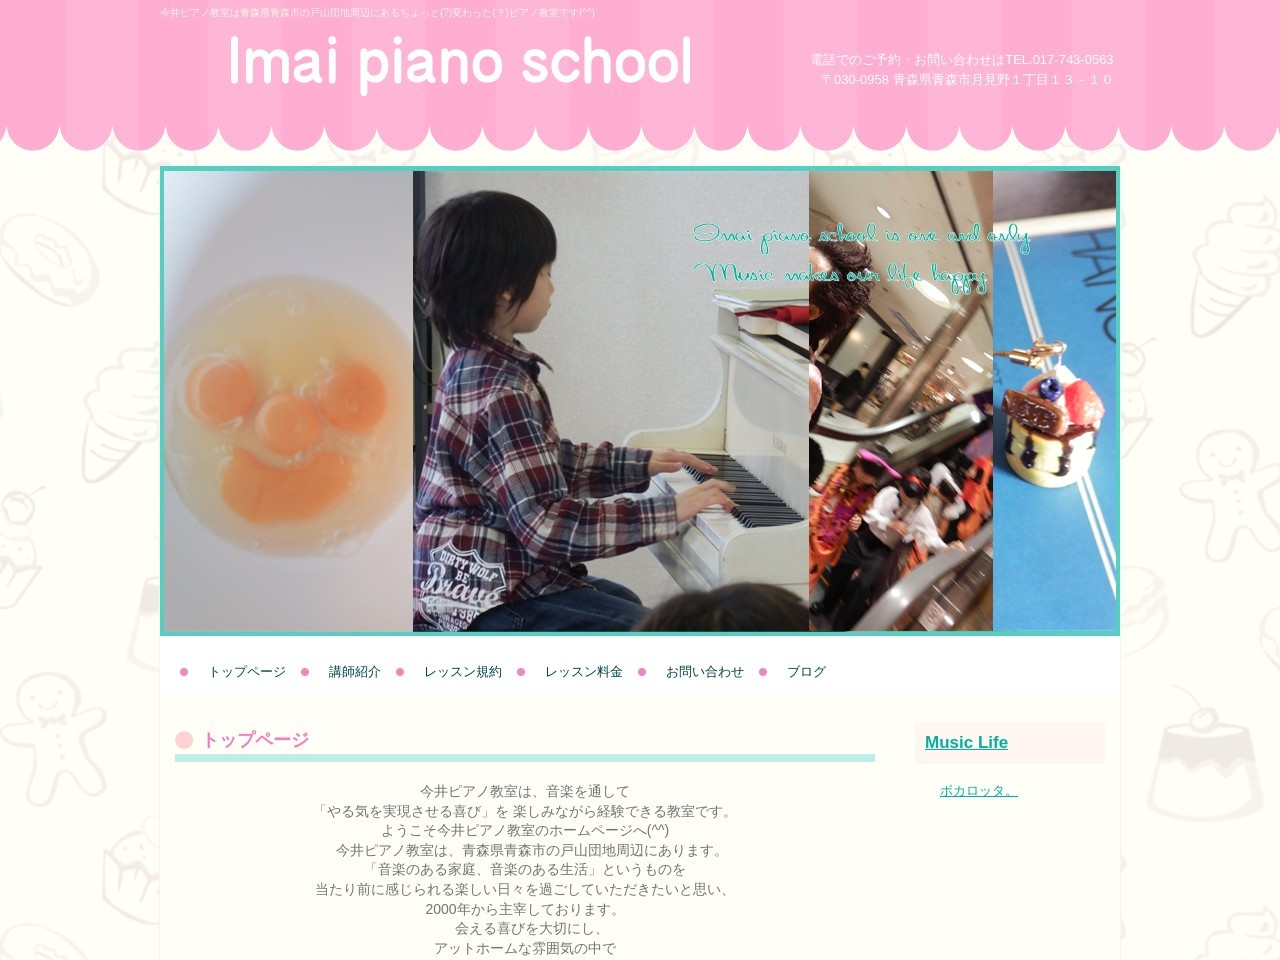 今井ピアノ教室のサムネイル